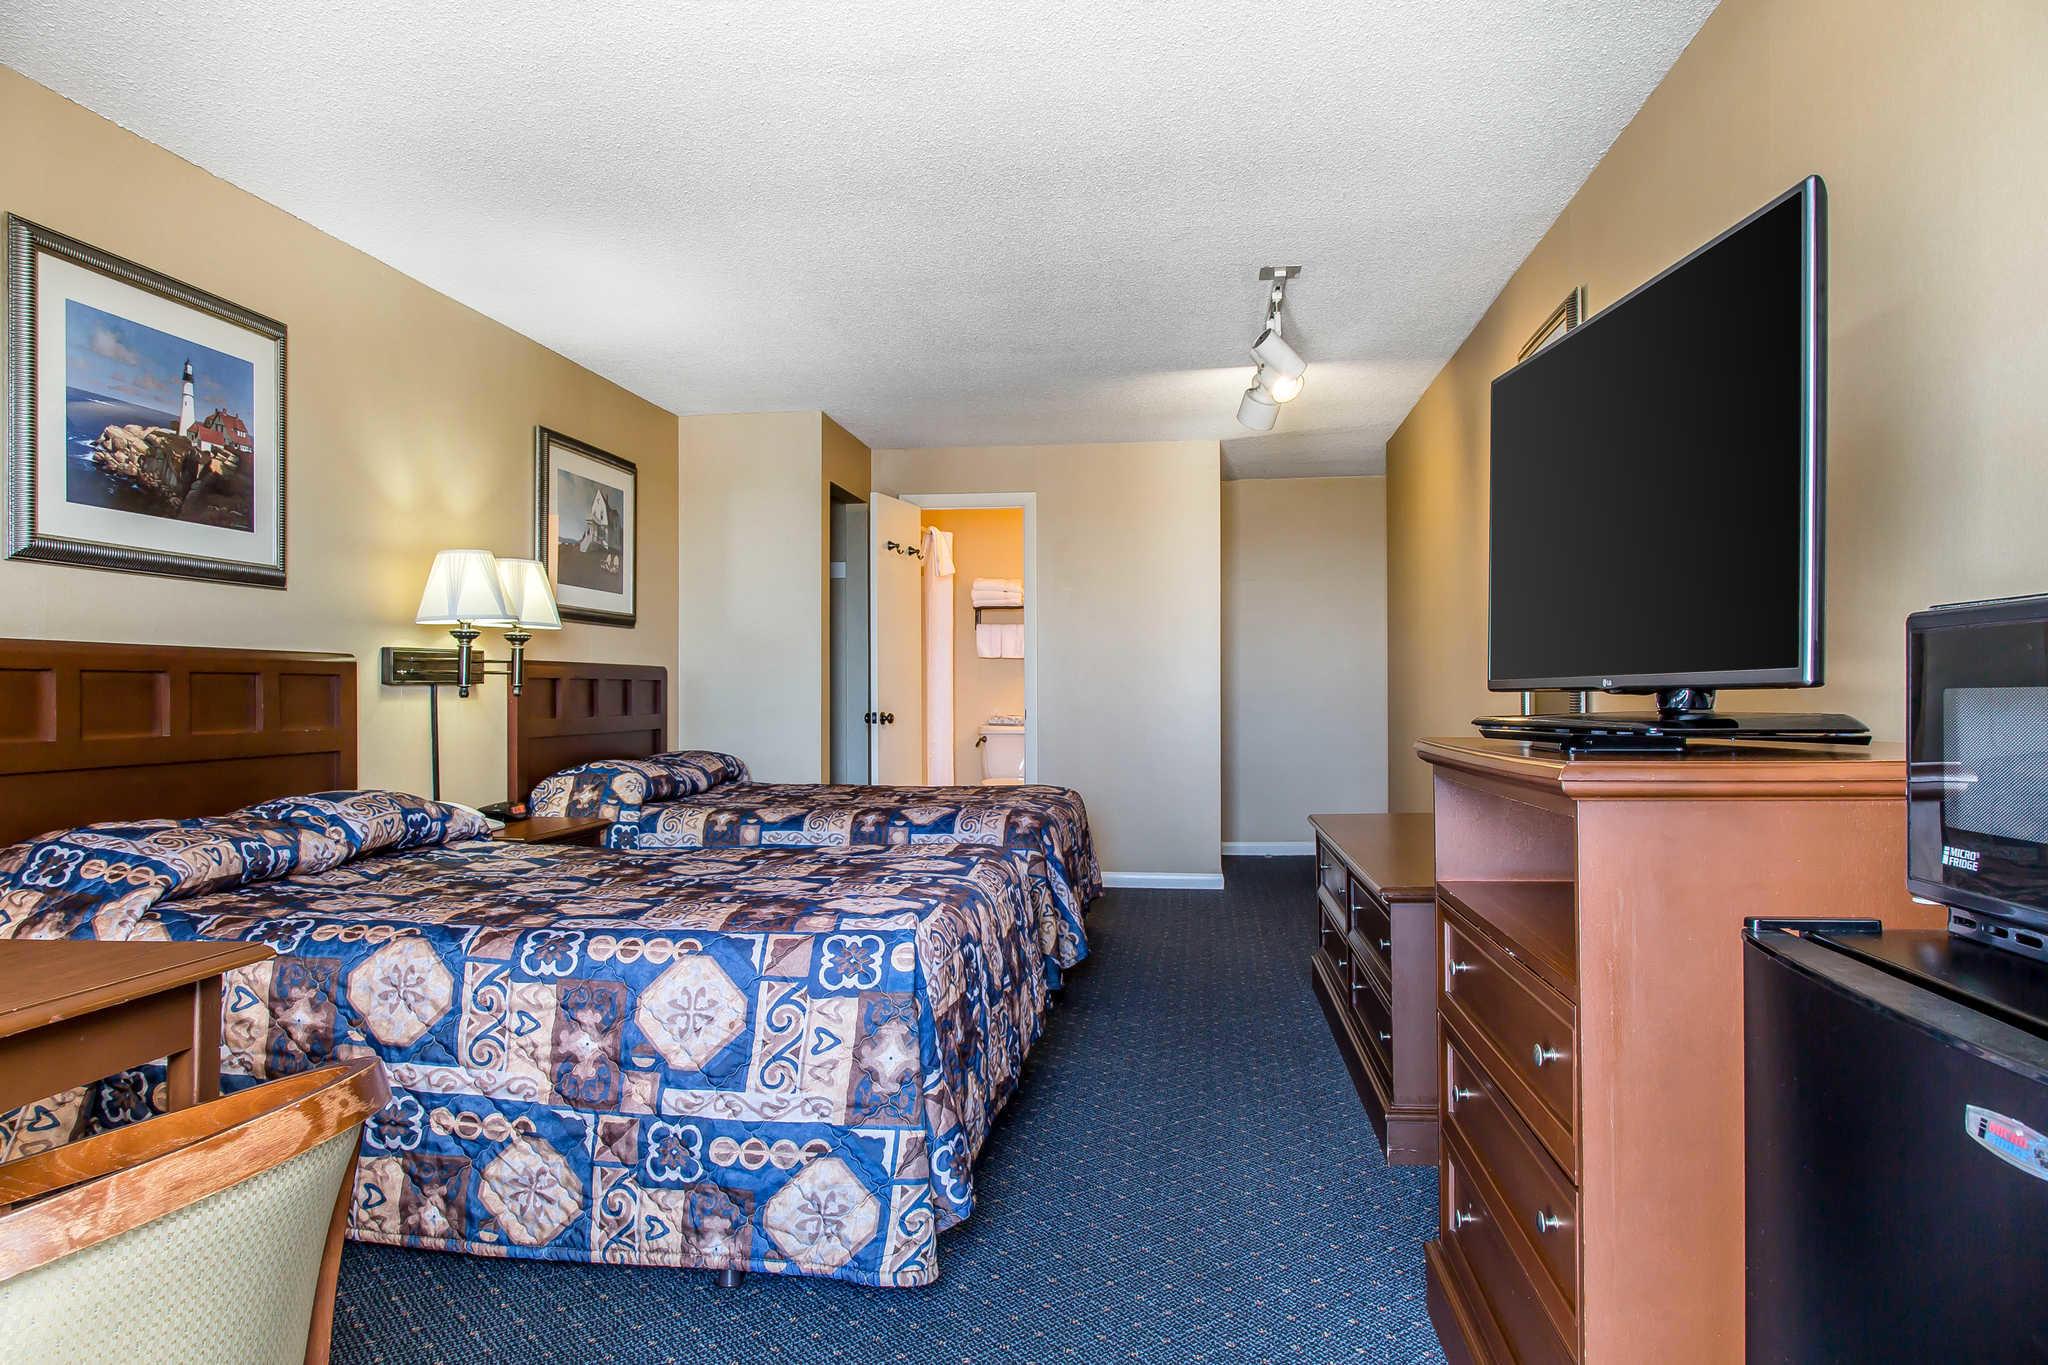 Rooms For Rent Bridgeport Wv